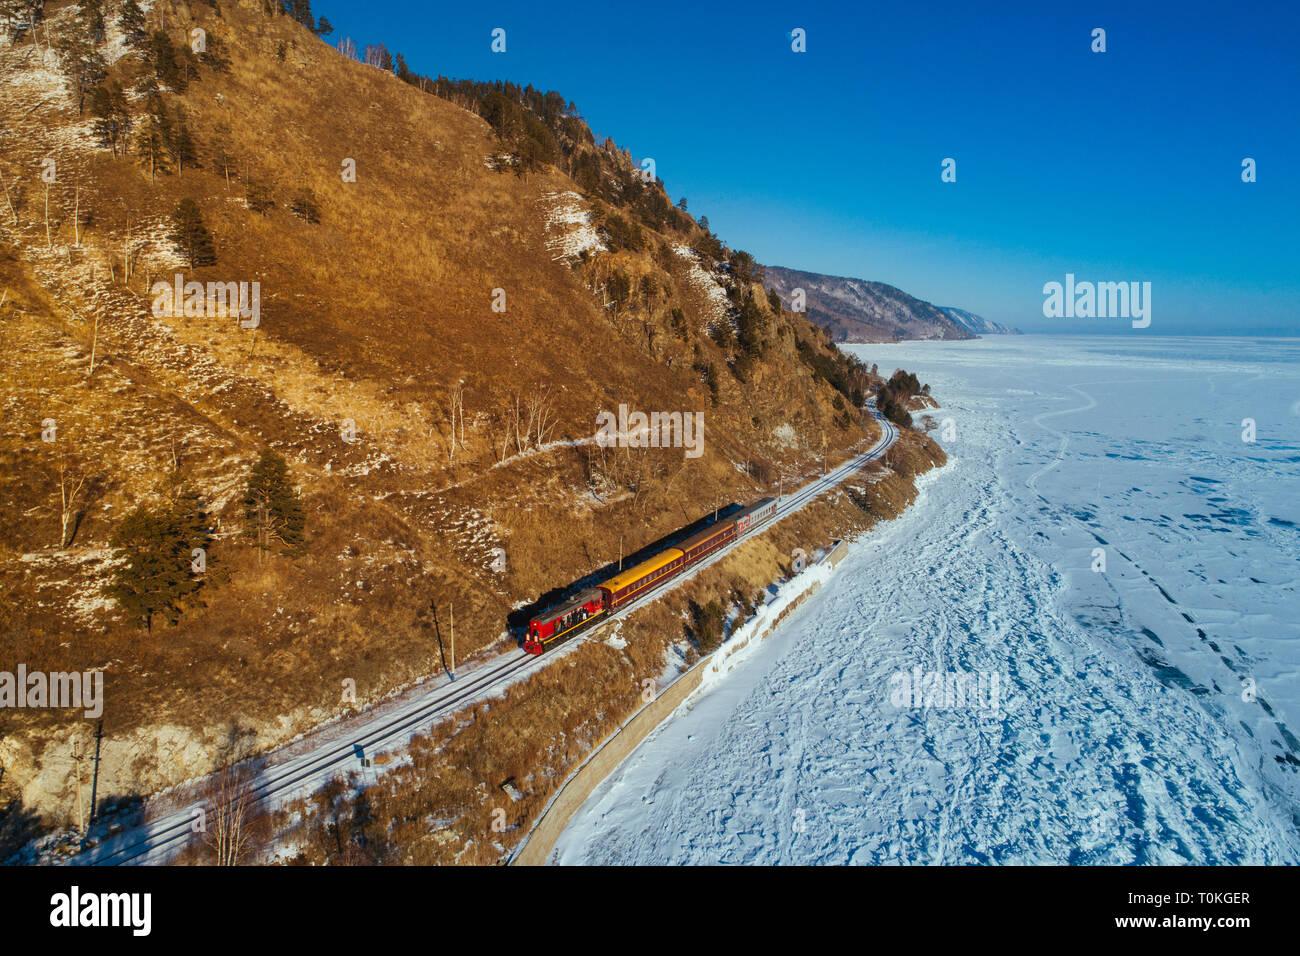 Ferrocarril Transiberiano en el lago Baikal, Rusia Foto de stock